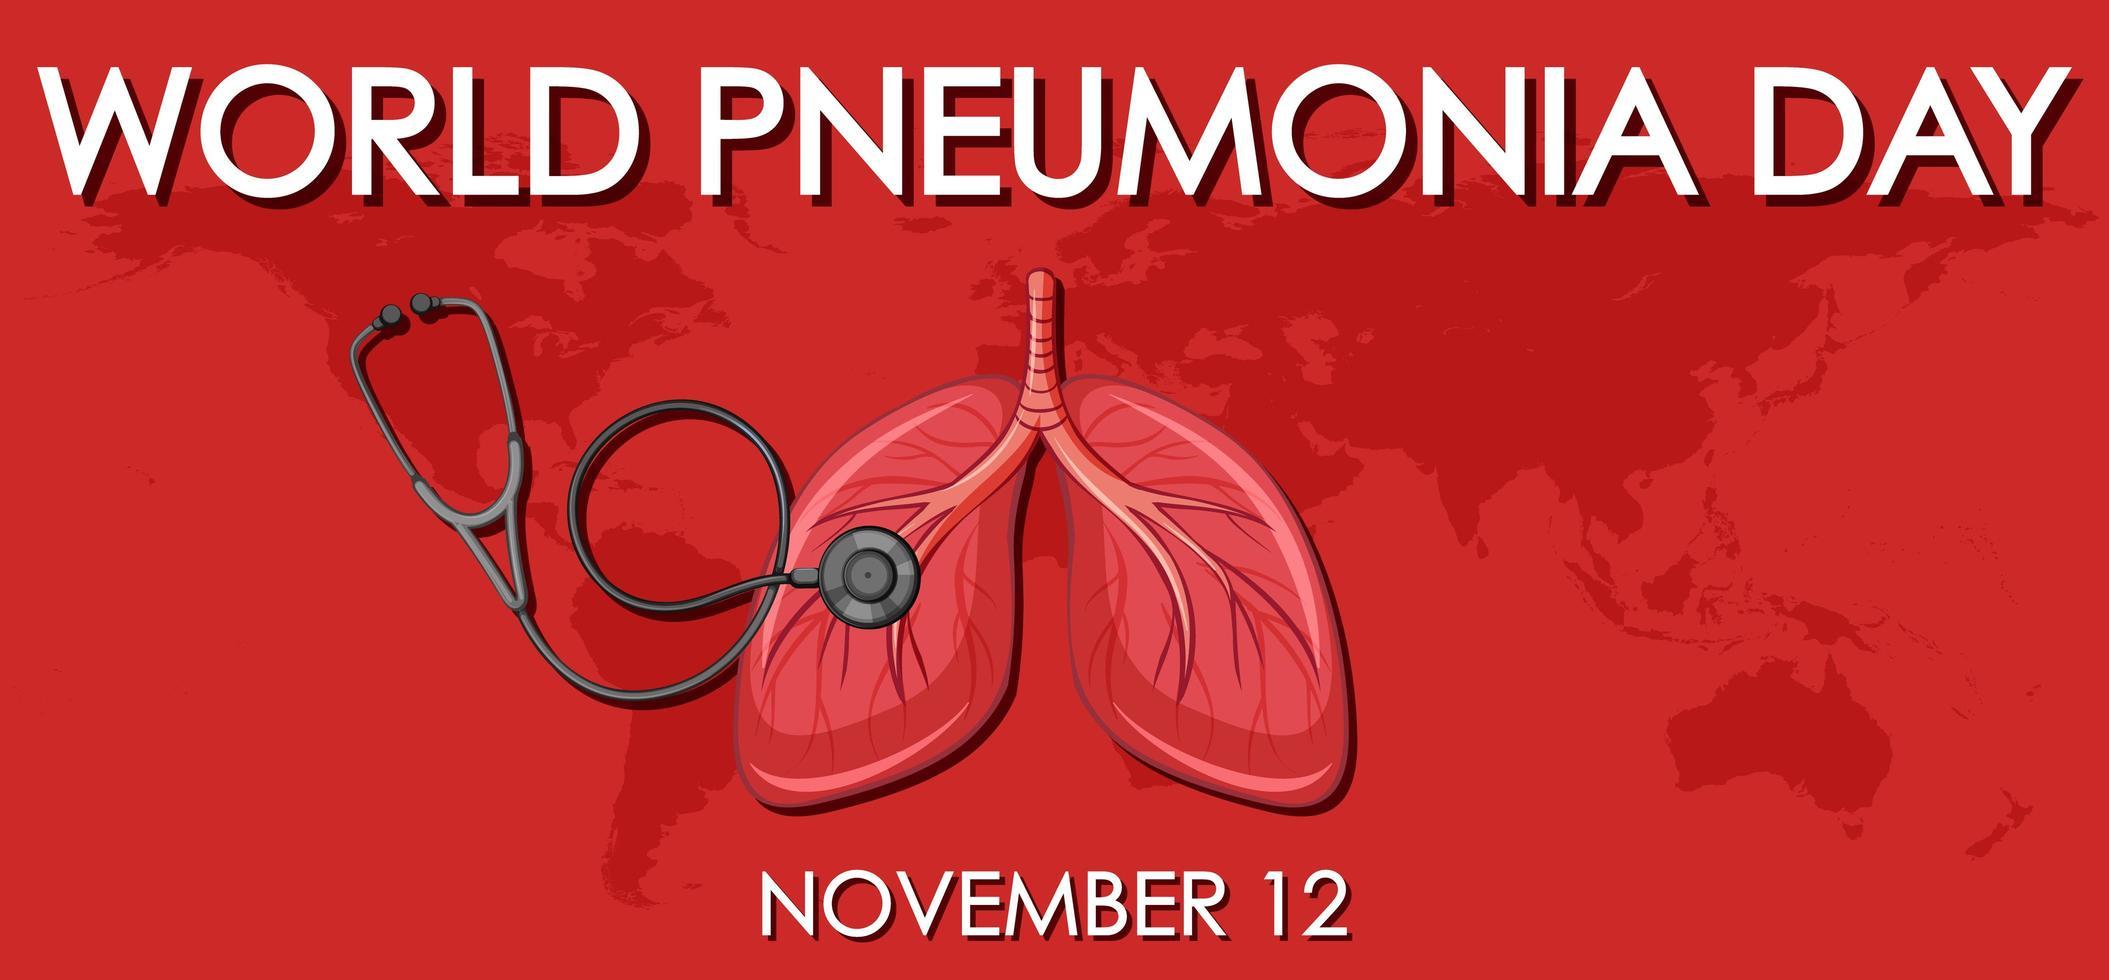 Weltpneumonie Tag vektor